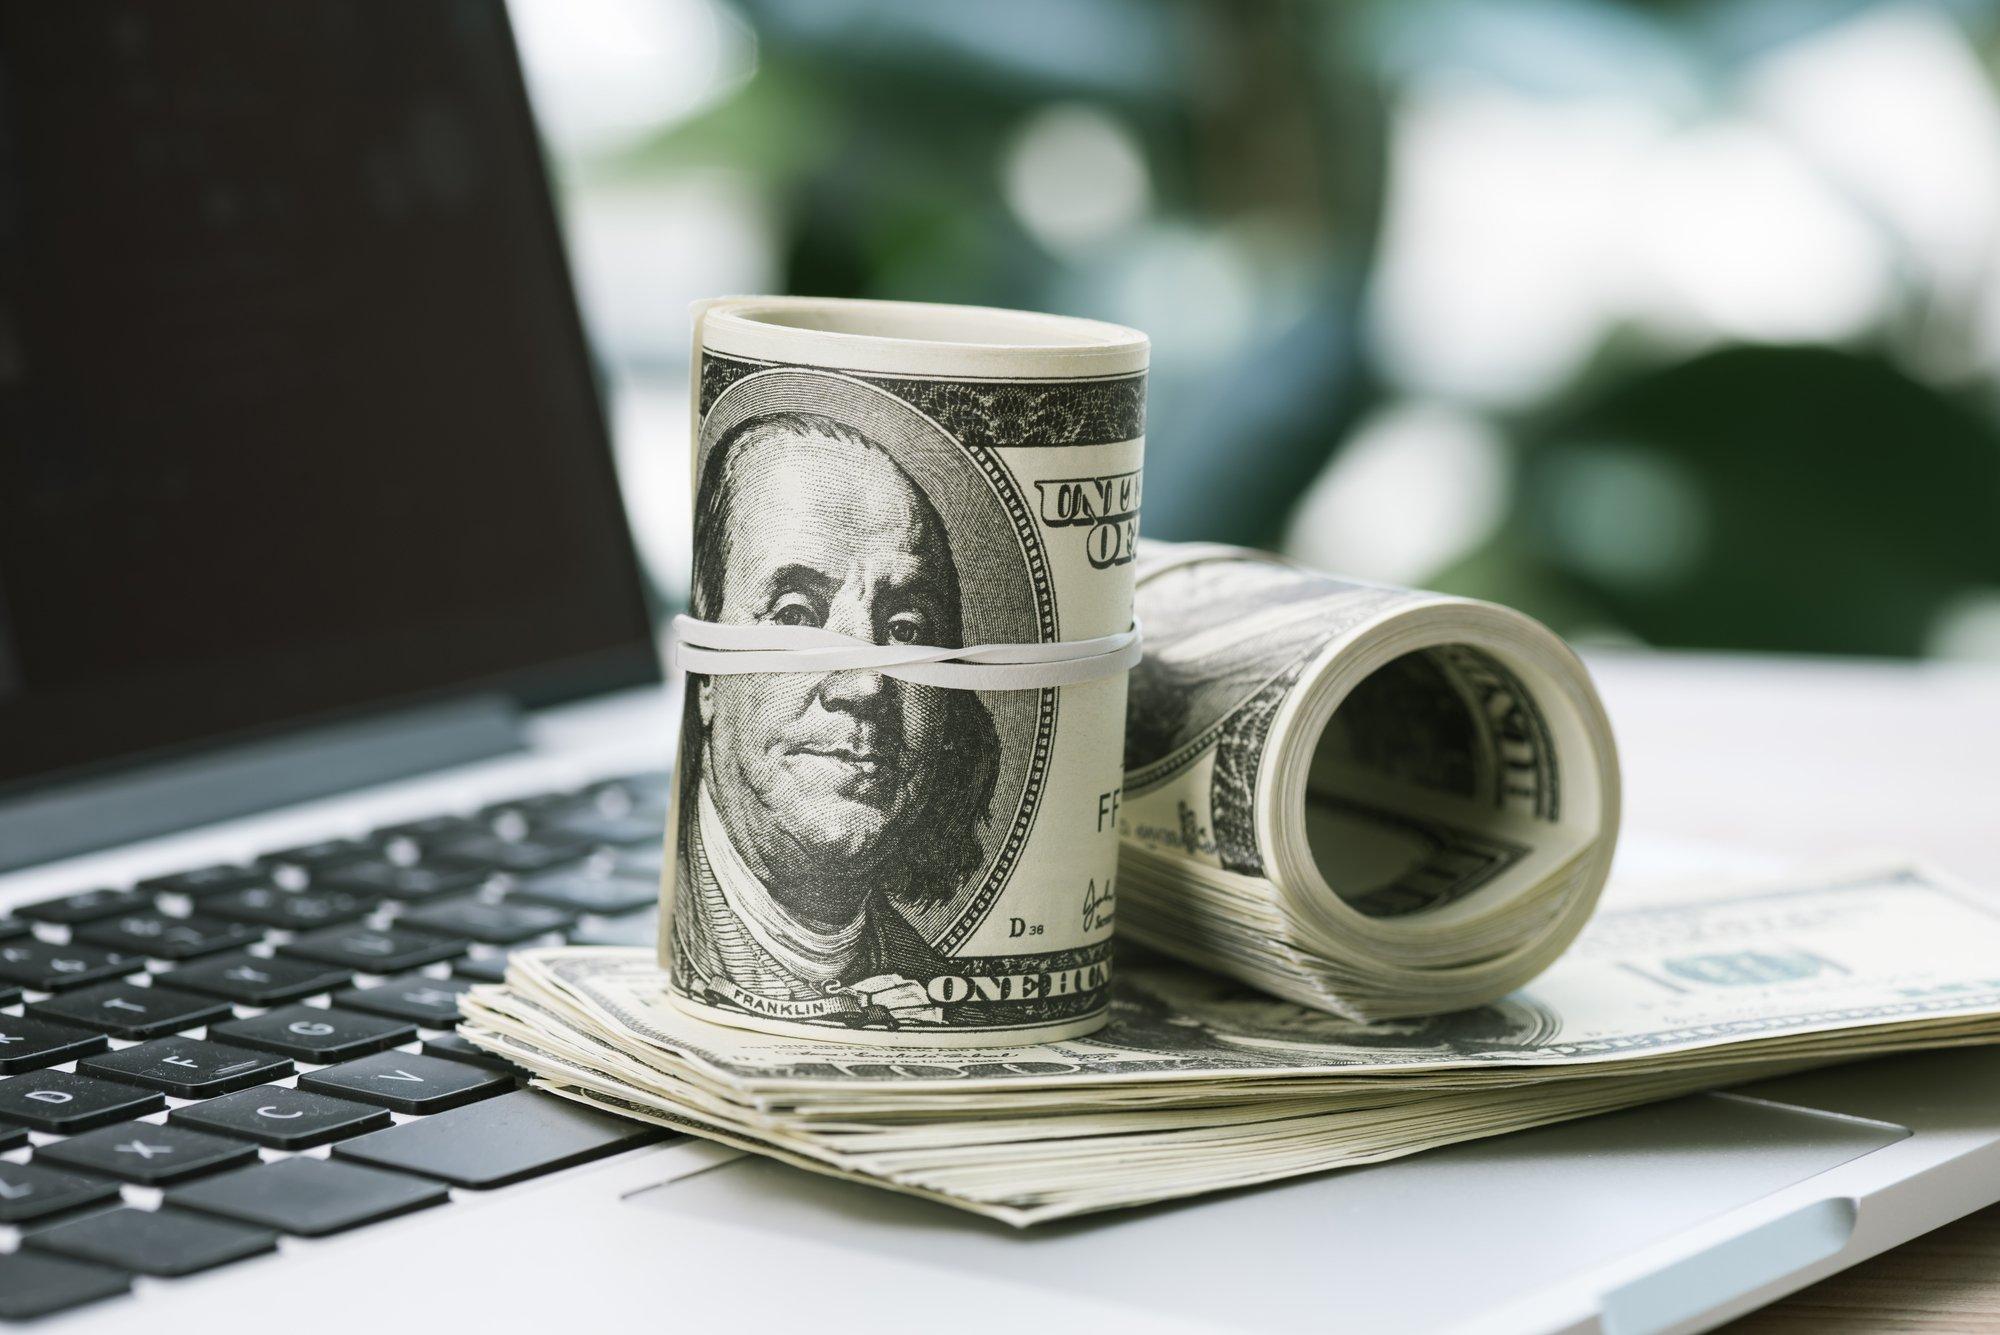 Dollar banknotes on laptop